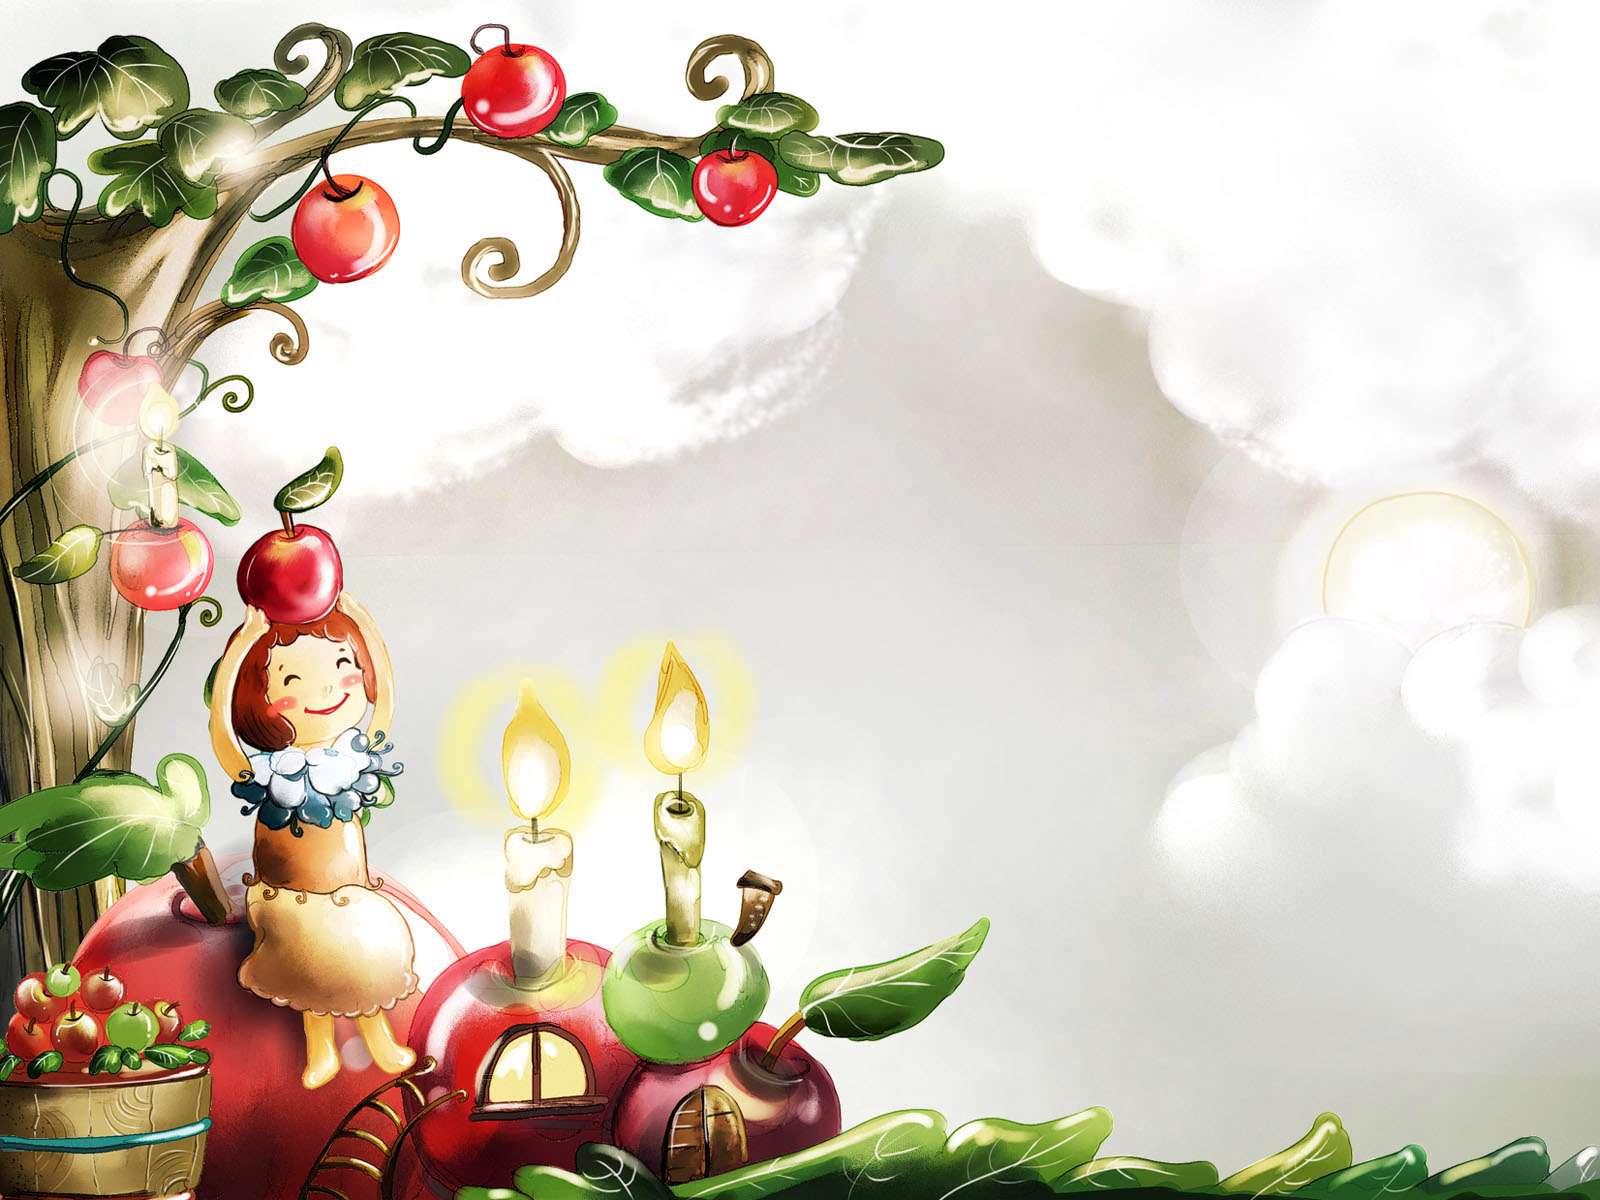 نقاشی سبد سیب نقاشی تخیلی درخت سیب گنجینه تصاویر تبيان